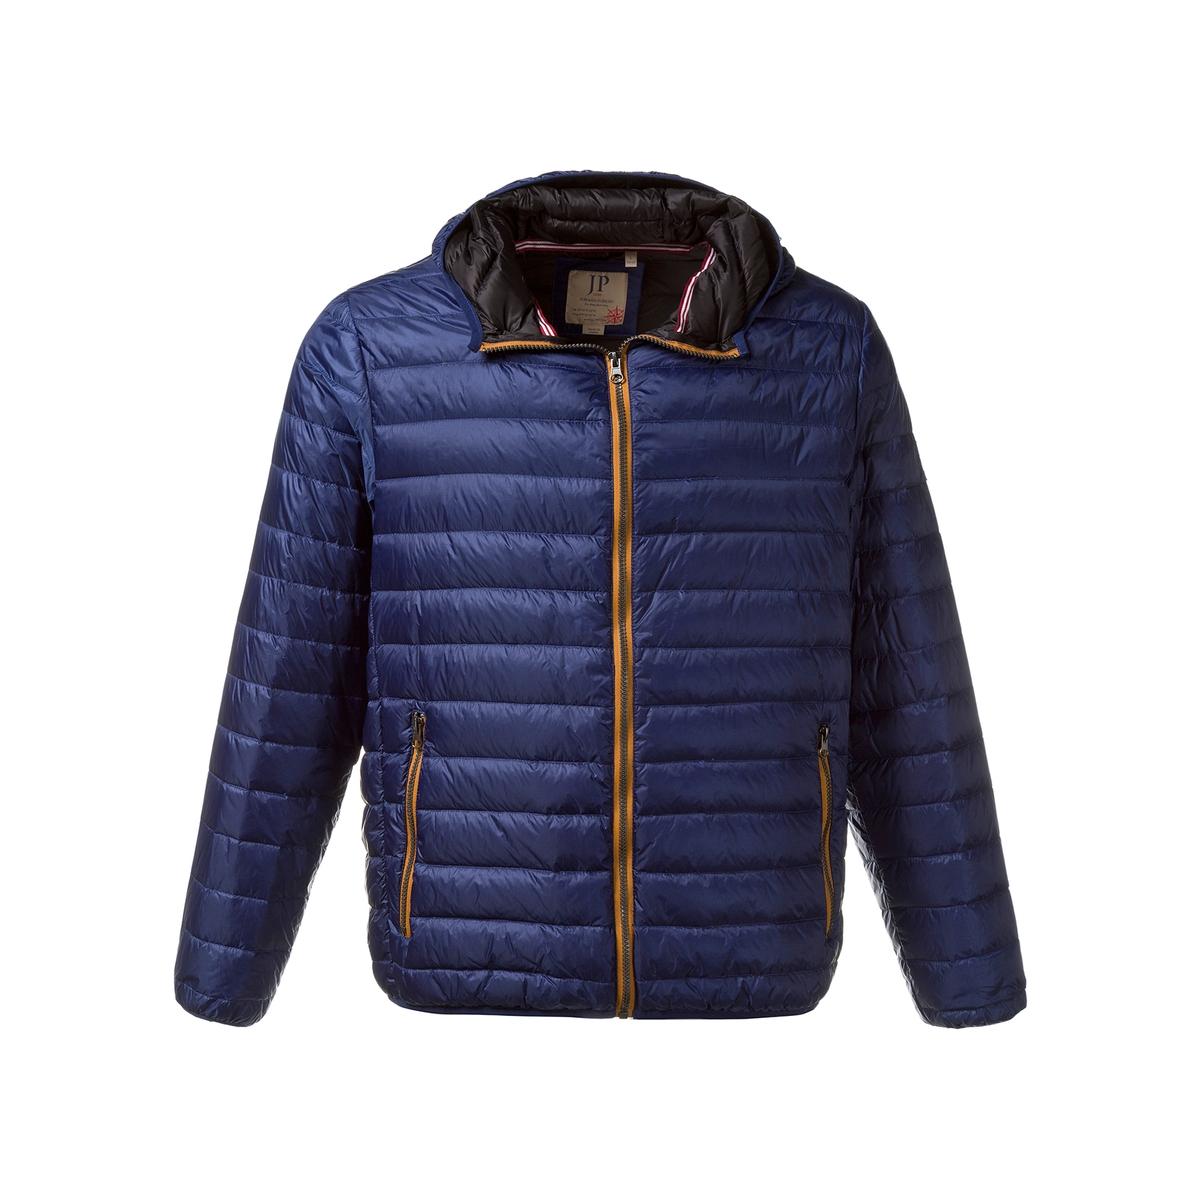 Куртка стеганаяСтеганая куртка JP1880. Капюшон, застежка на молнию, 2 кармана на молнии. На подкладке с 2 карманами с клапаном. 100% полиамид. Подкладка: 100% полиамид. Длина в зависимости от размера 70-81 см<br><br>Цвет: синий<br>Размер: 3XL.5XL